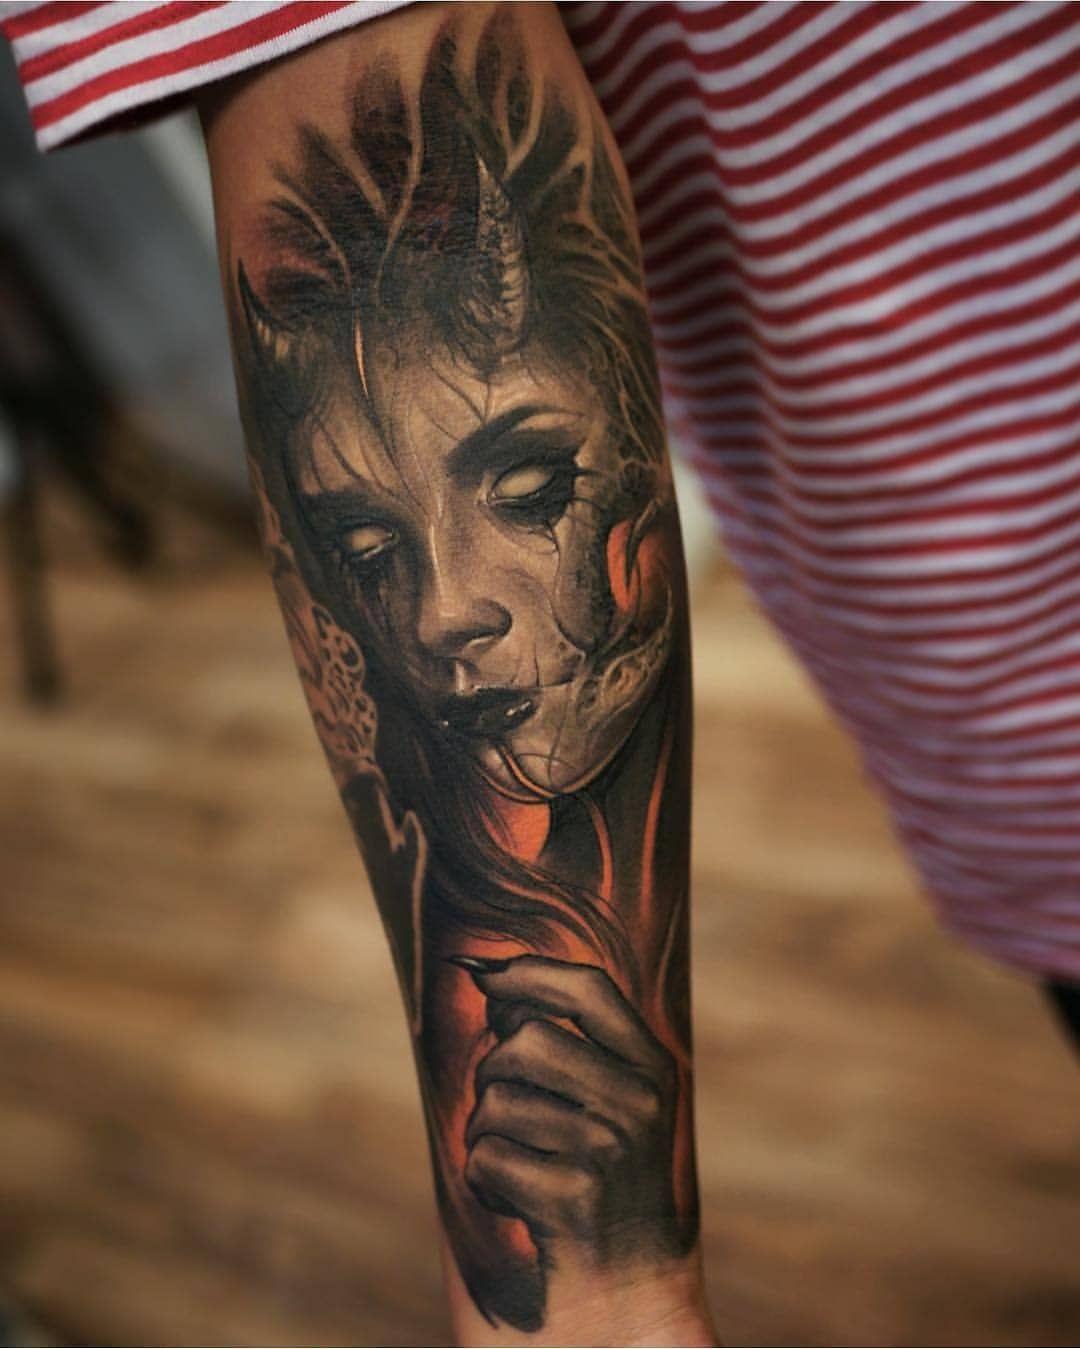 Tattoo Realistic Tattoorealistic Instagram Posts Videos Stories Picoji Super Dark Pieces By Brandon Herrera Tattoo Artists Tattoos Portrait Tattoo